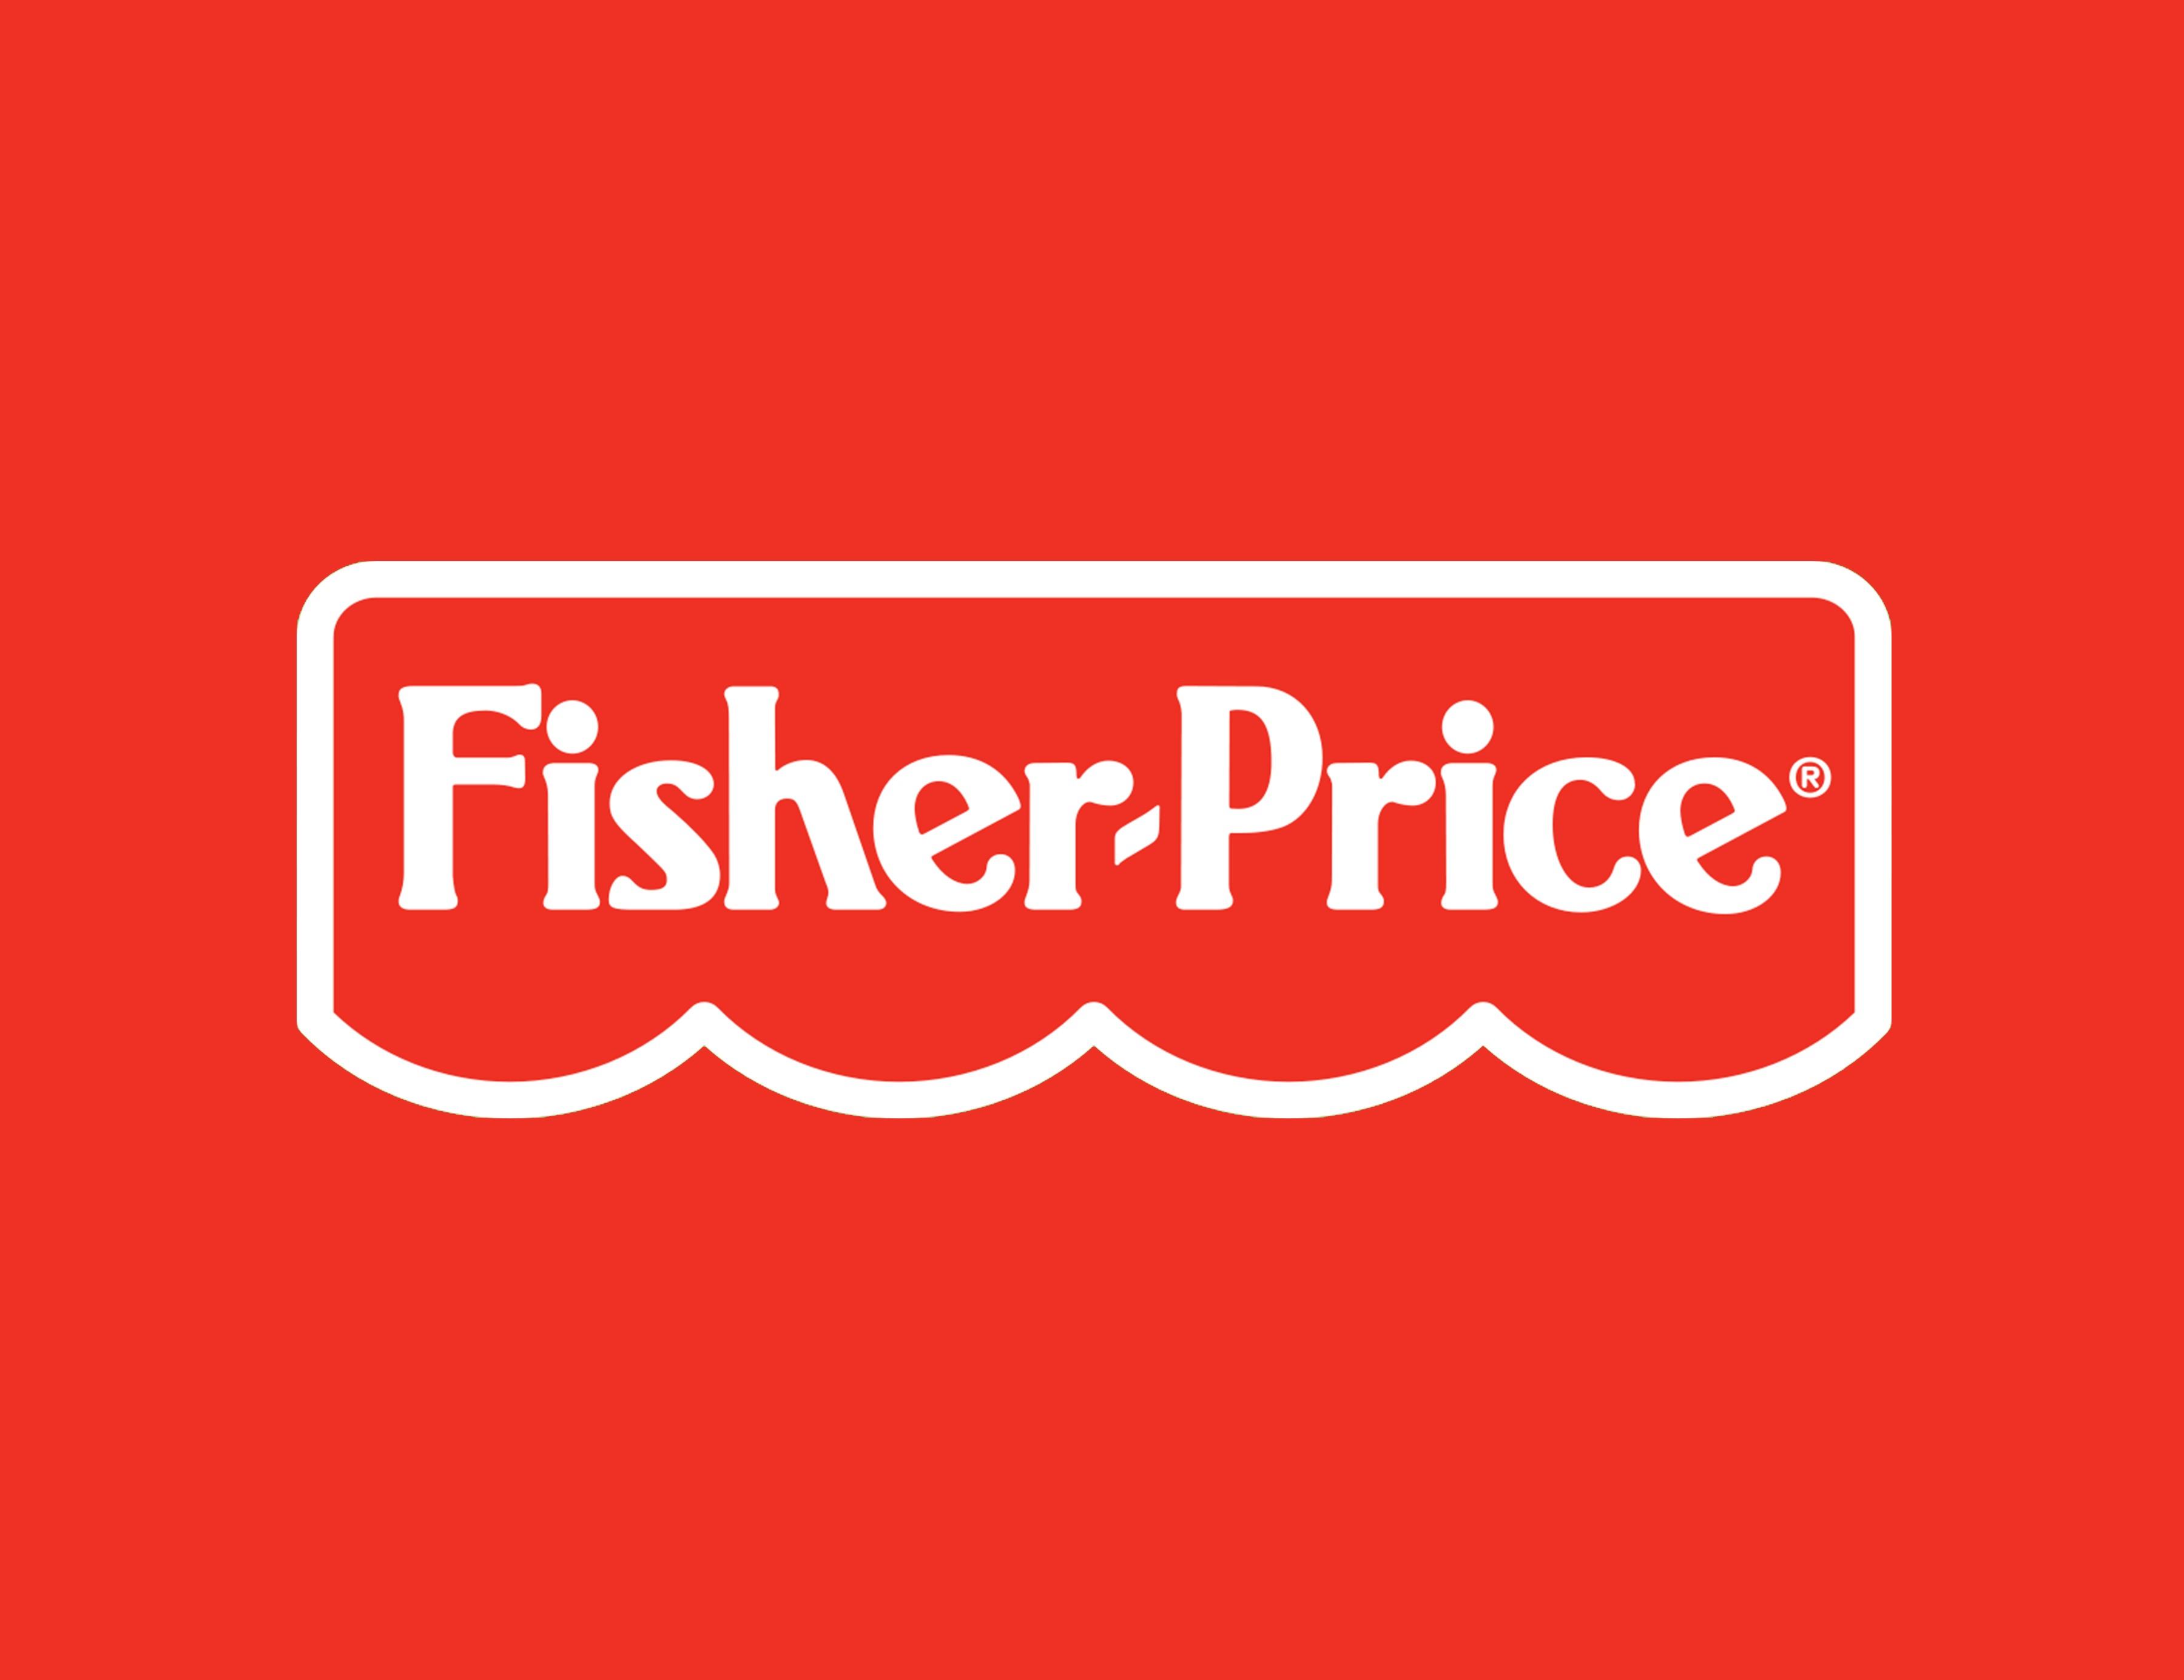 Fisher-Price: Mindestens 32 Todesfälle durch Babywiege